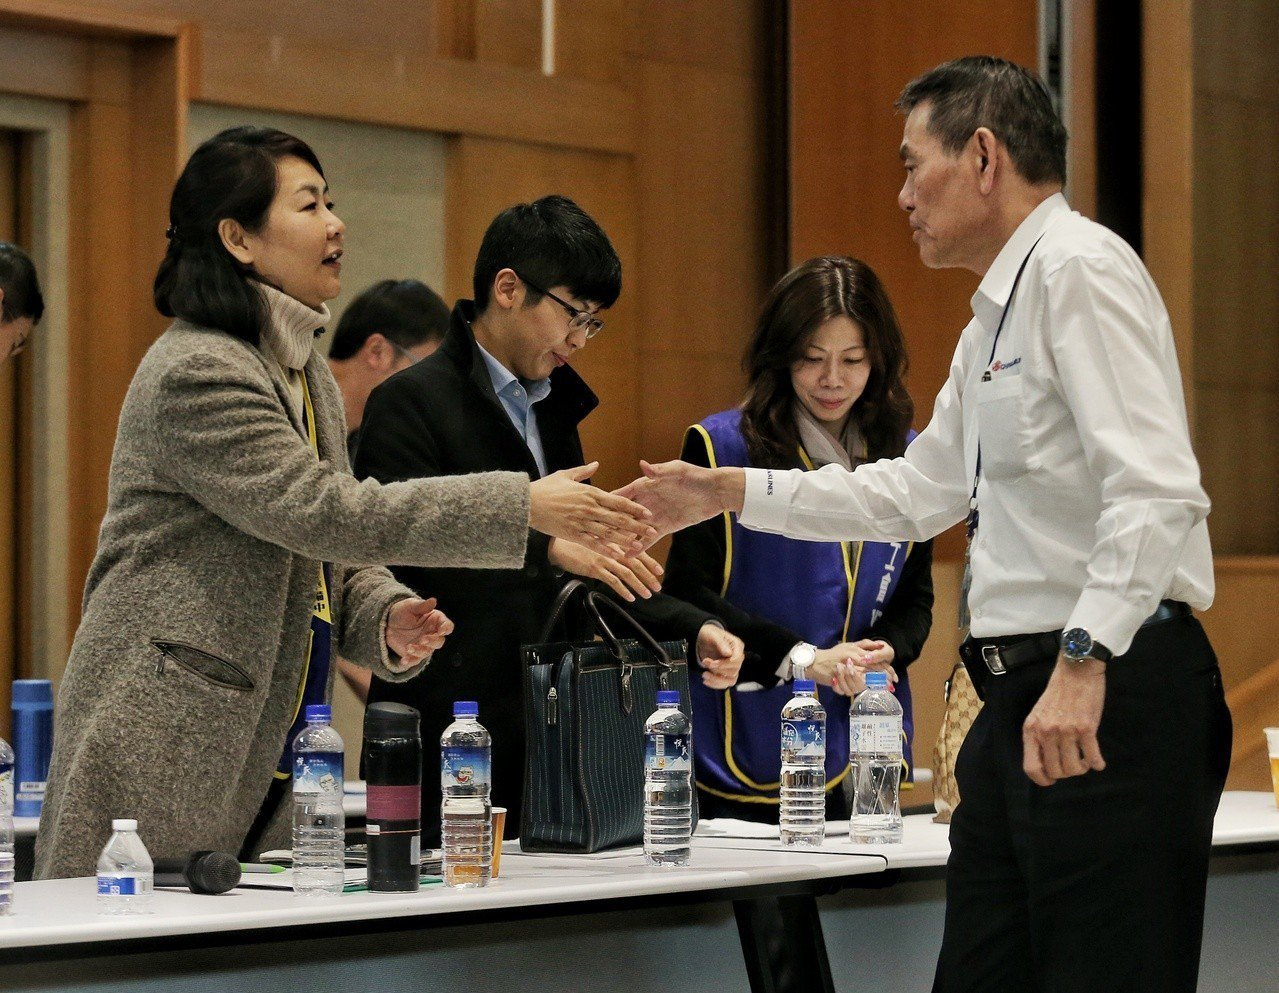 近12小時的「紅眼協商」結束,華航總經理謝世謙(右)與桃園市機師職業工會常務理事...